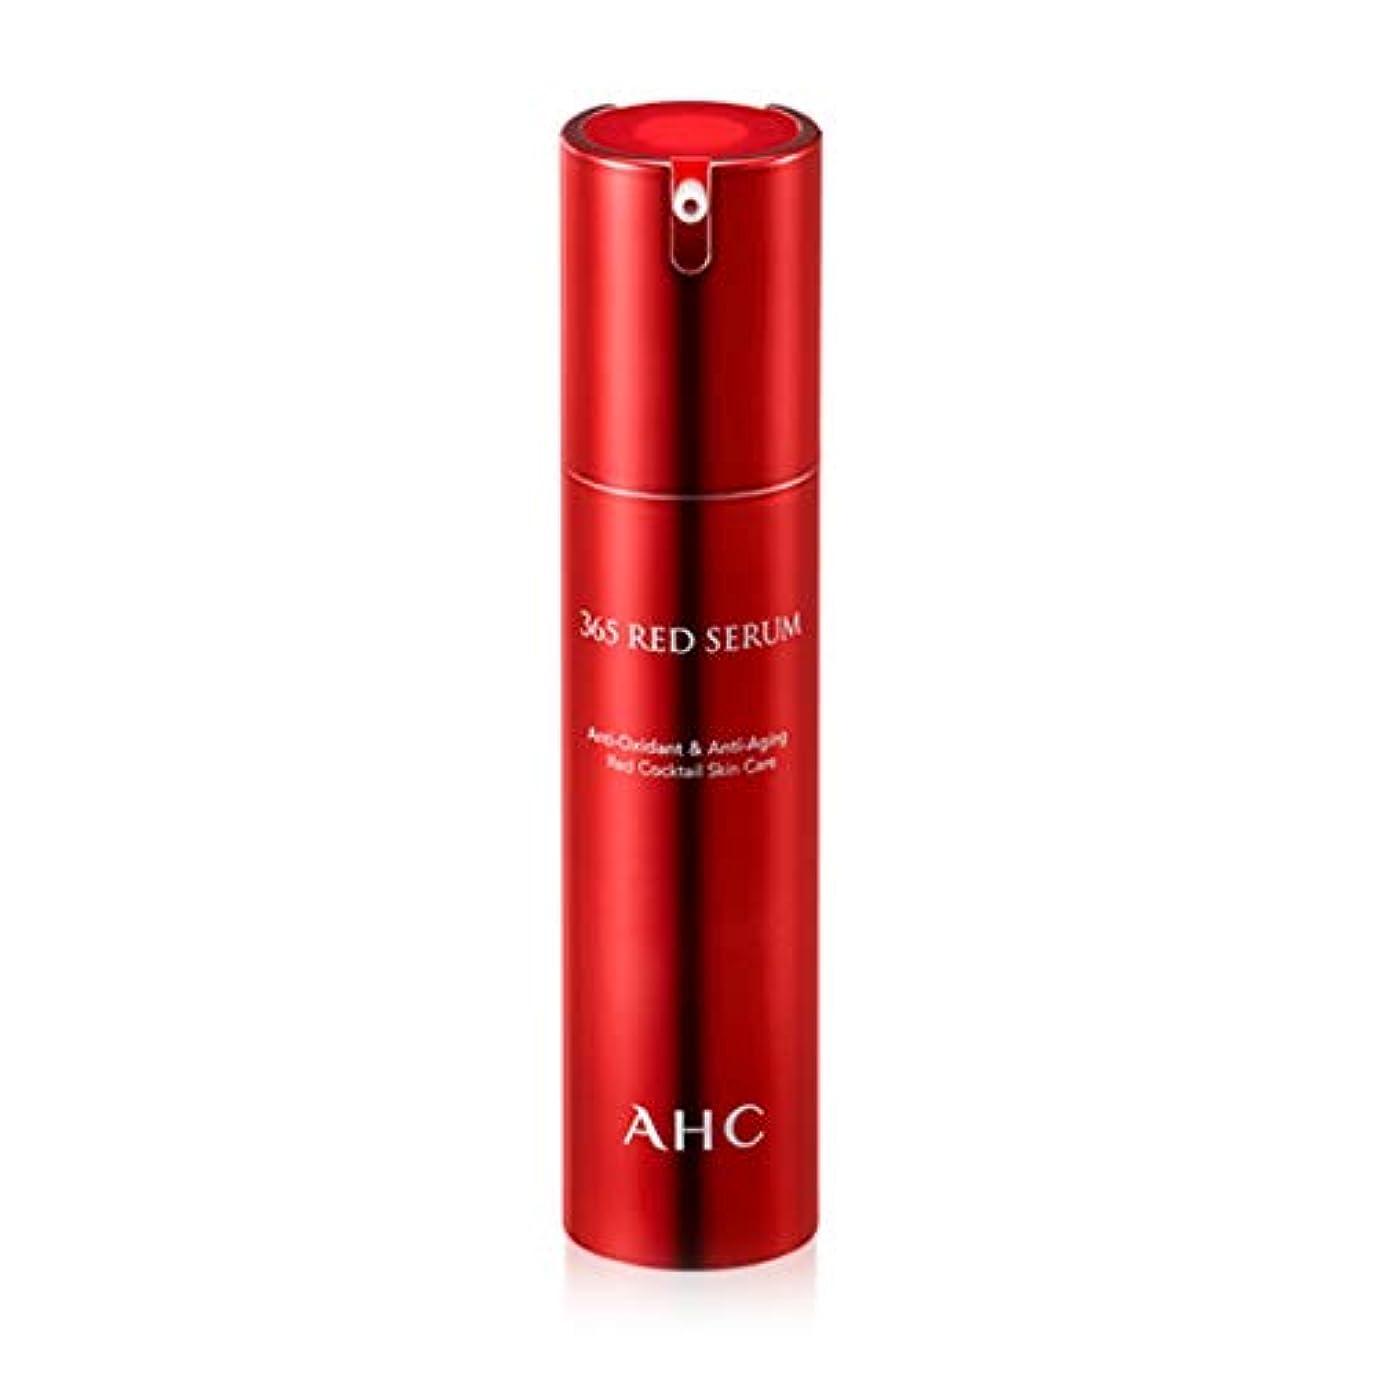 大きい責任者ブレークAHC 365 Red Serum AHC 365 レッド セラム 50ml [並行輸入品]